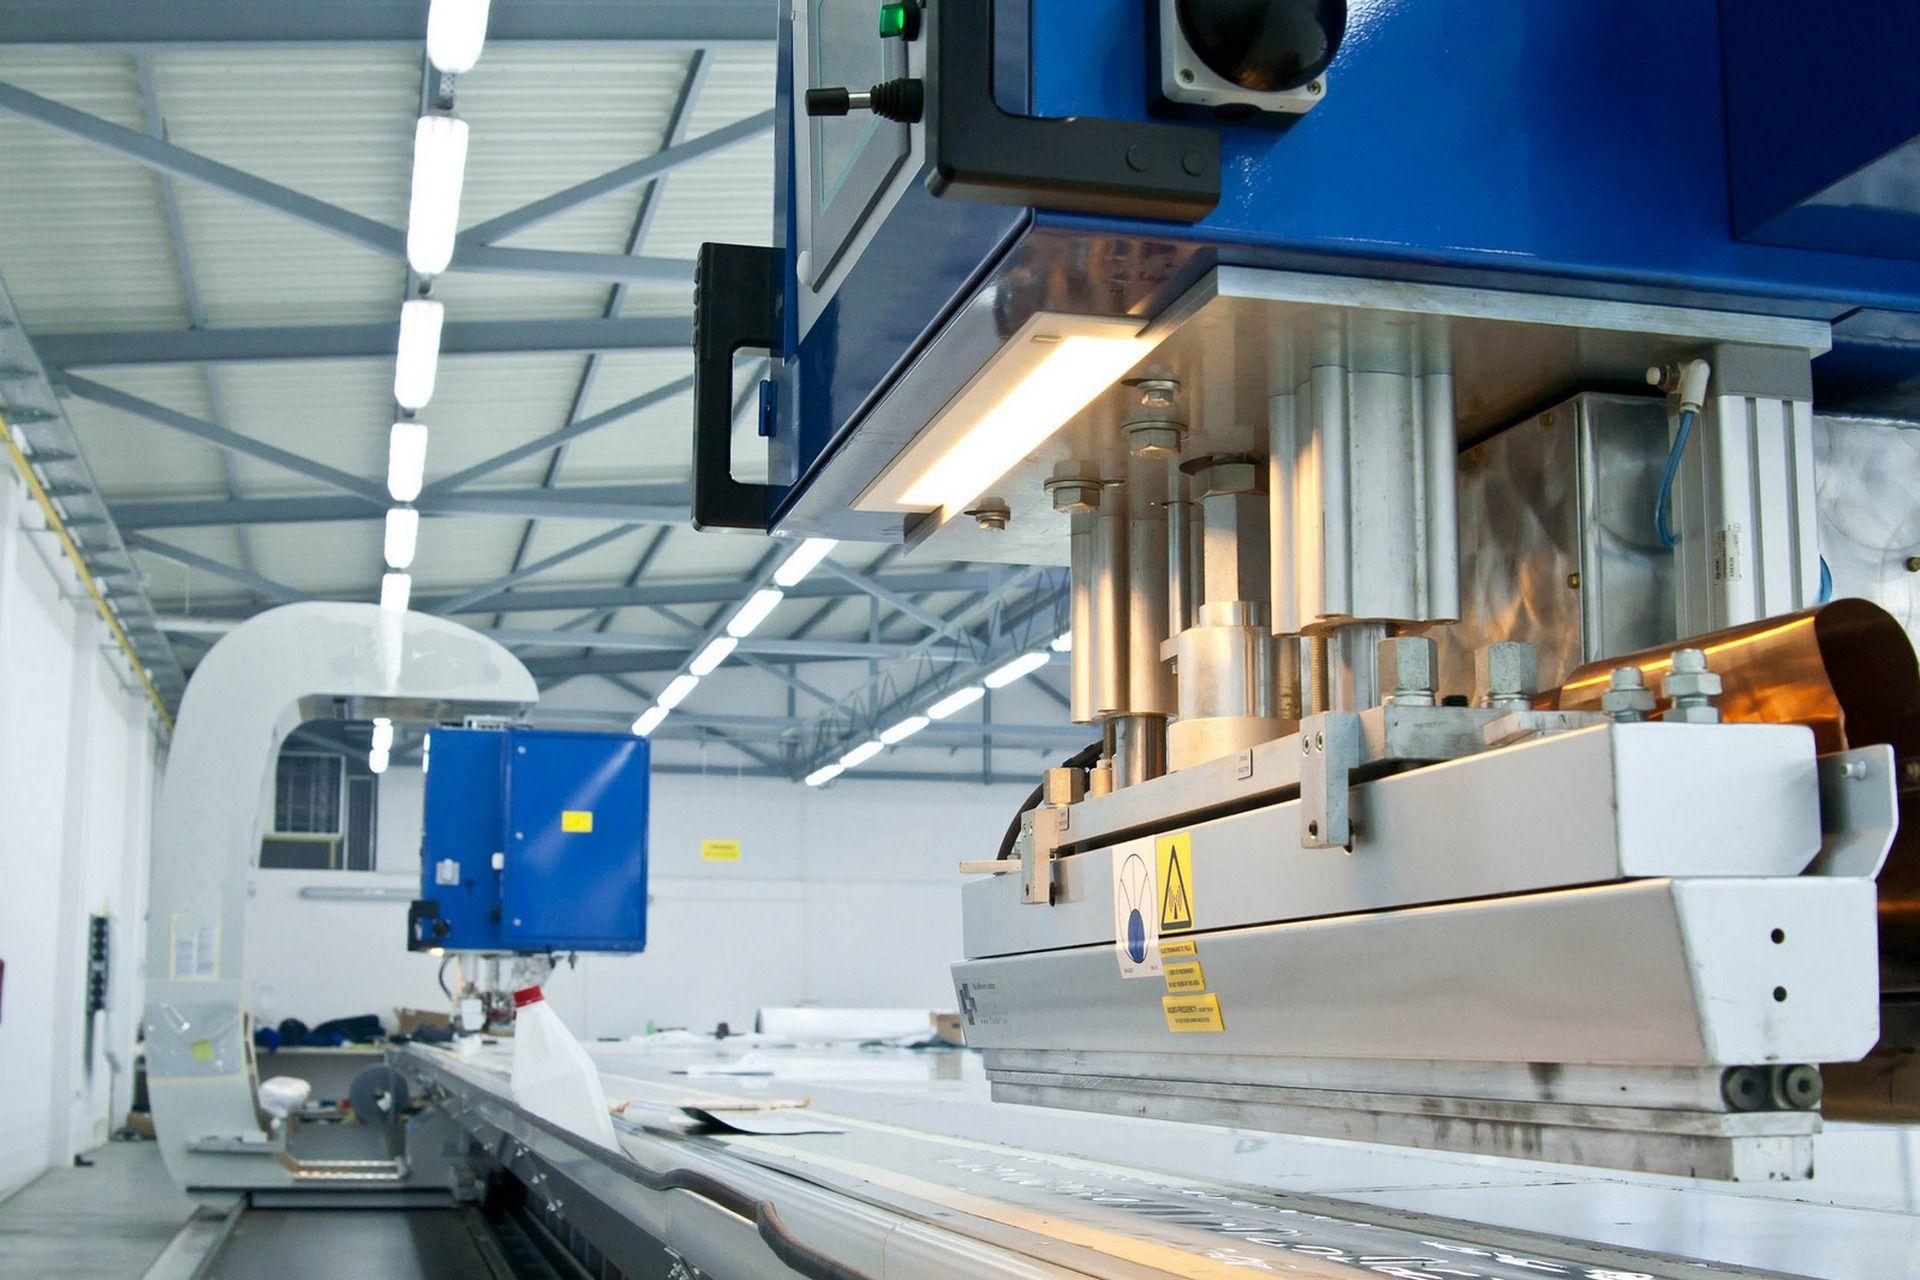 оборудование для производства изделий из пластика